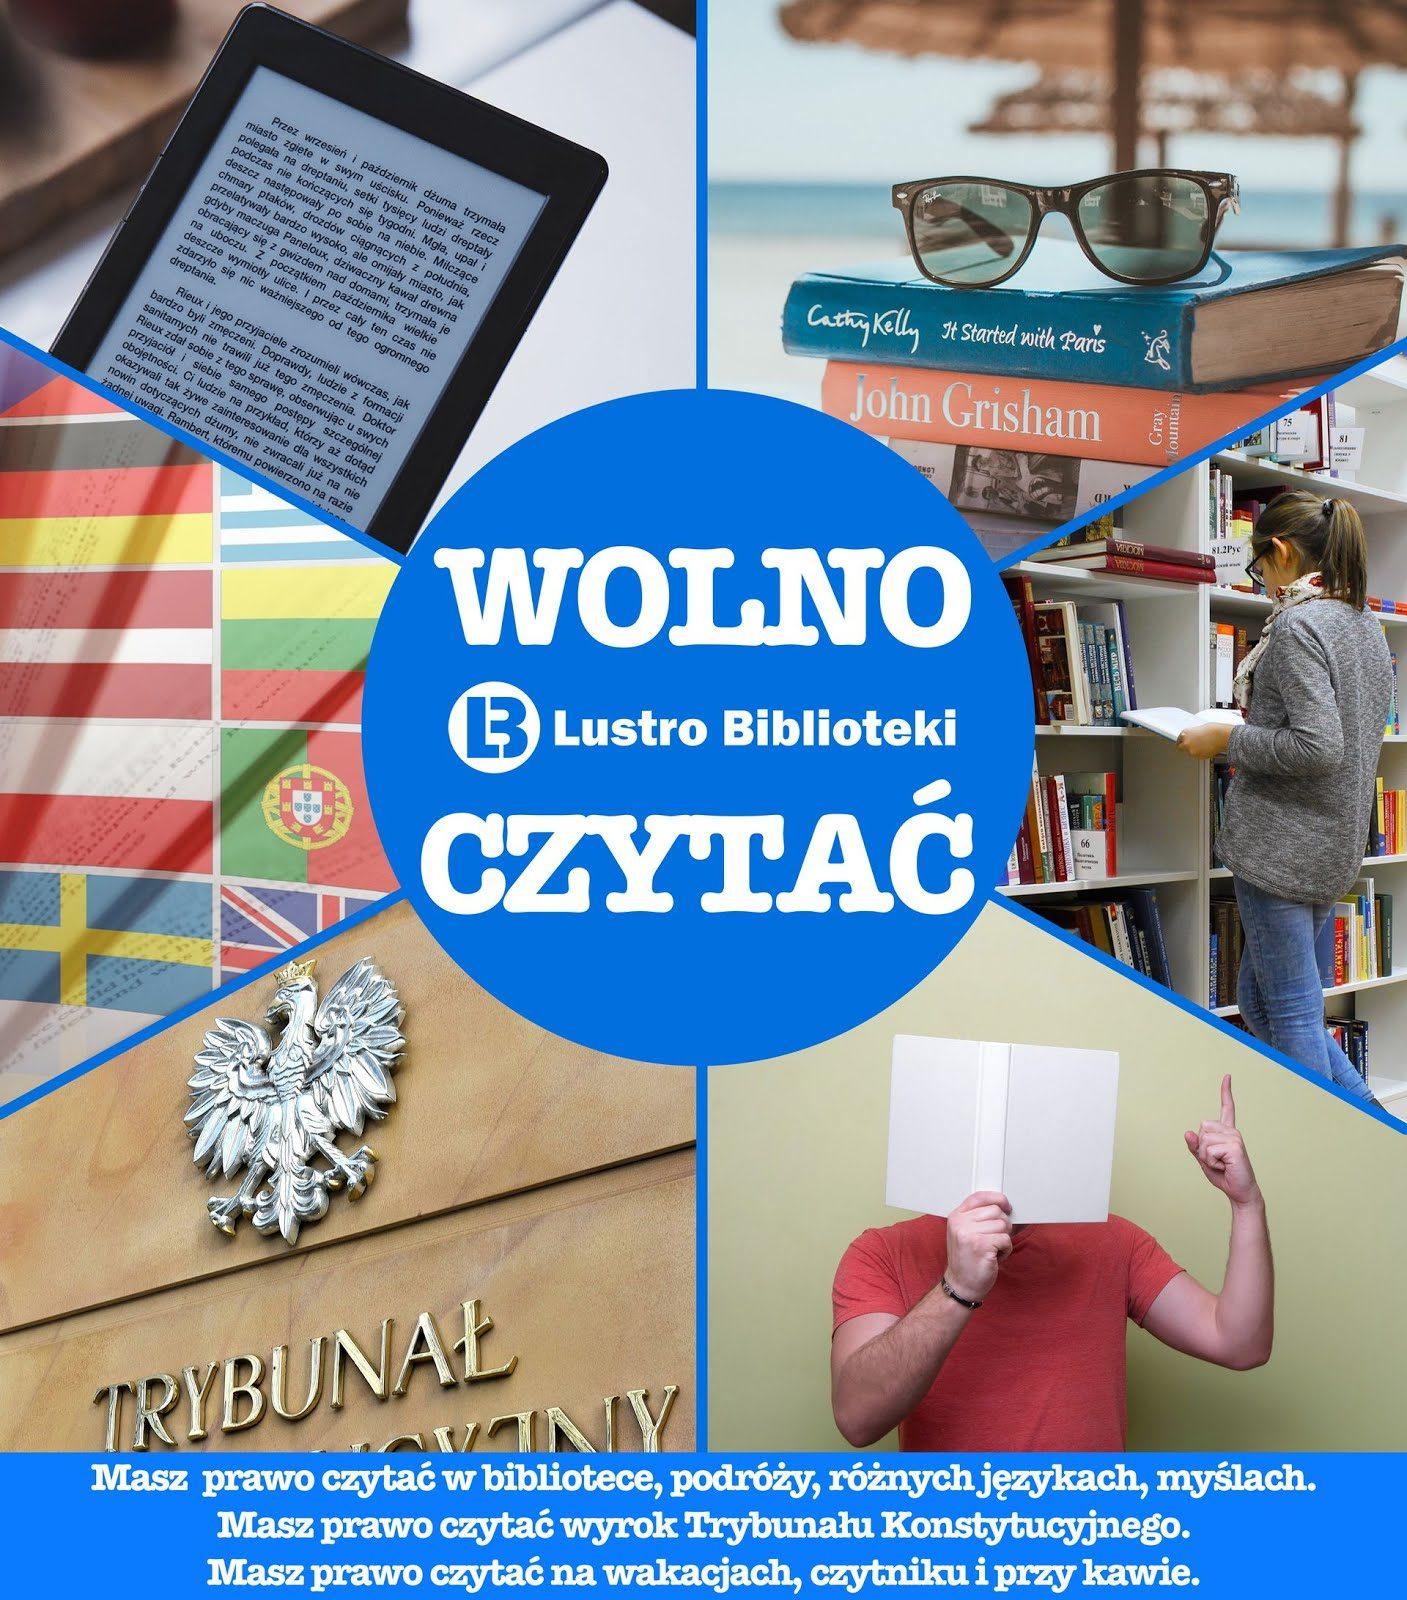 Plakaty Dla Bibliotek Wolno Pobierać I Udostępniać